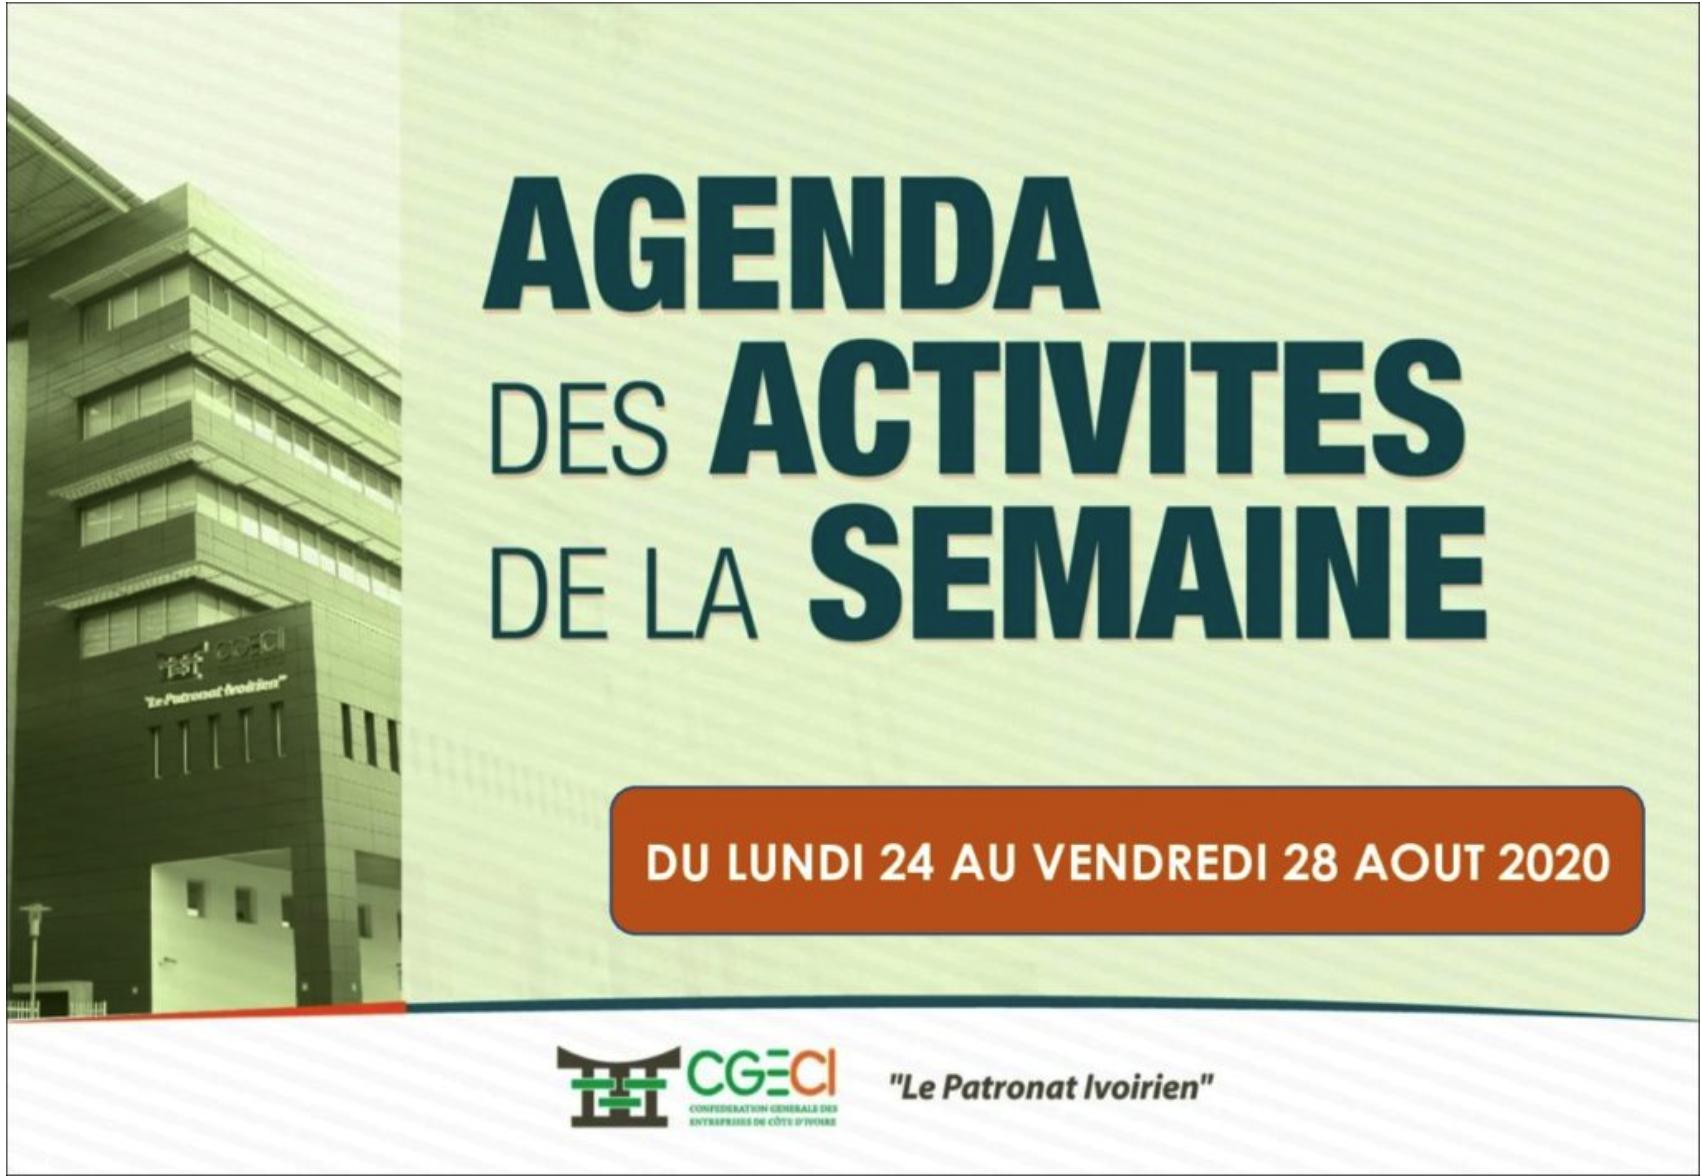 AGENDA DE LA SEMAINE DU 24 AU 28 AOUT 2020